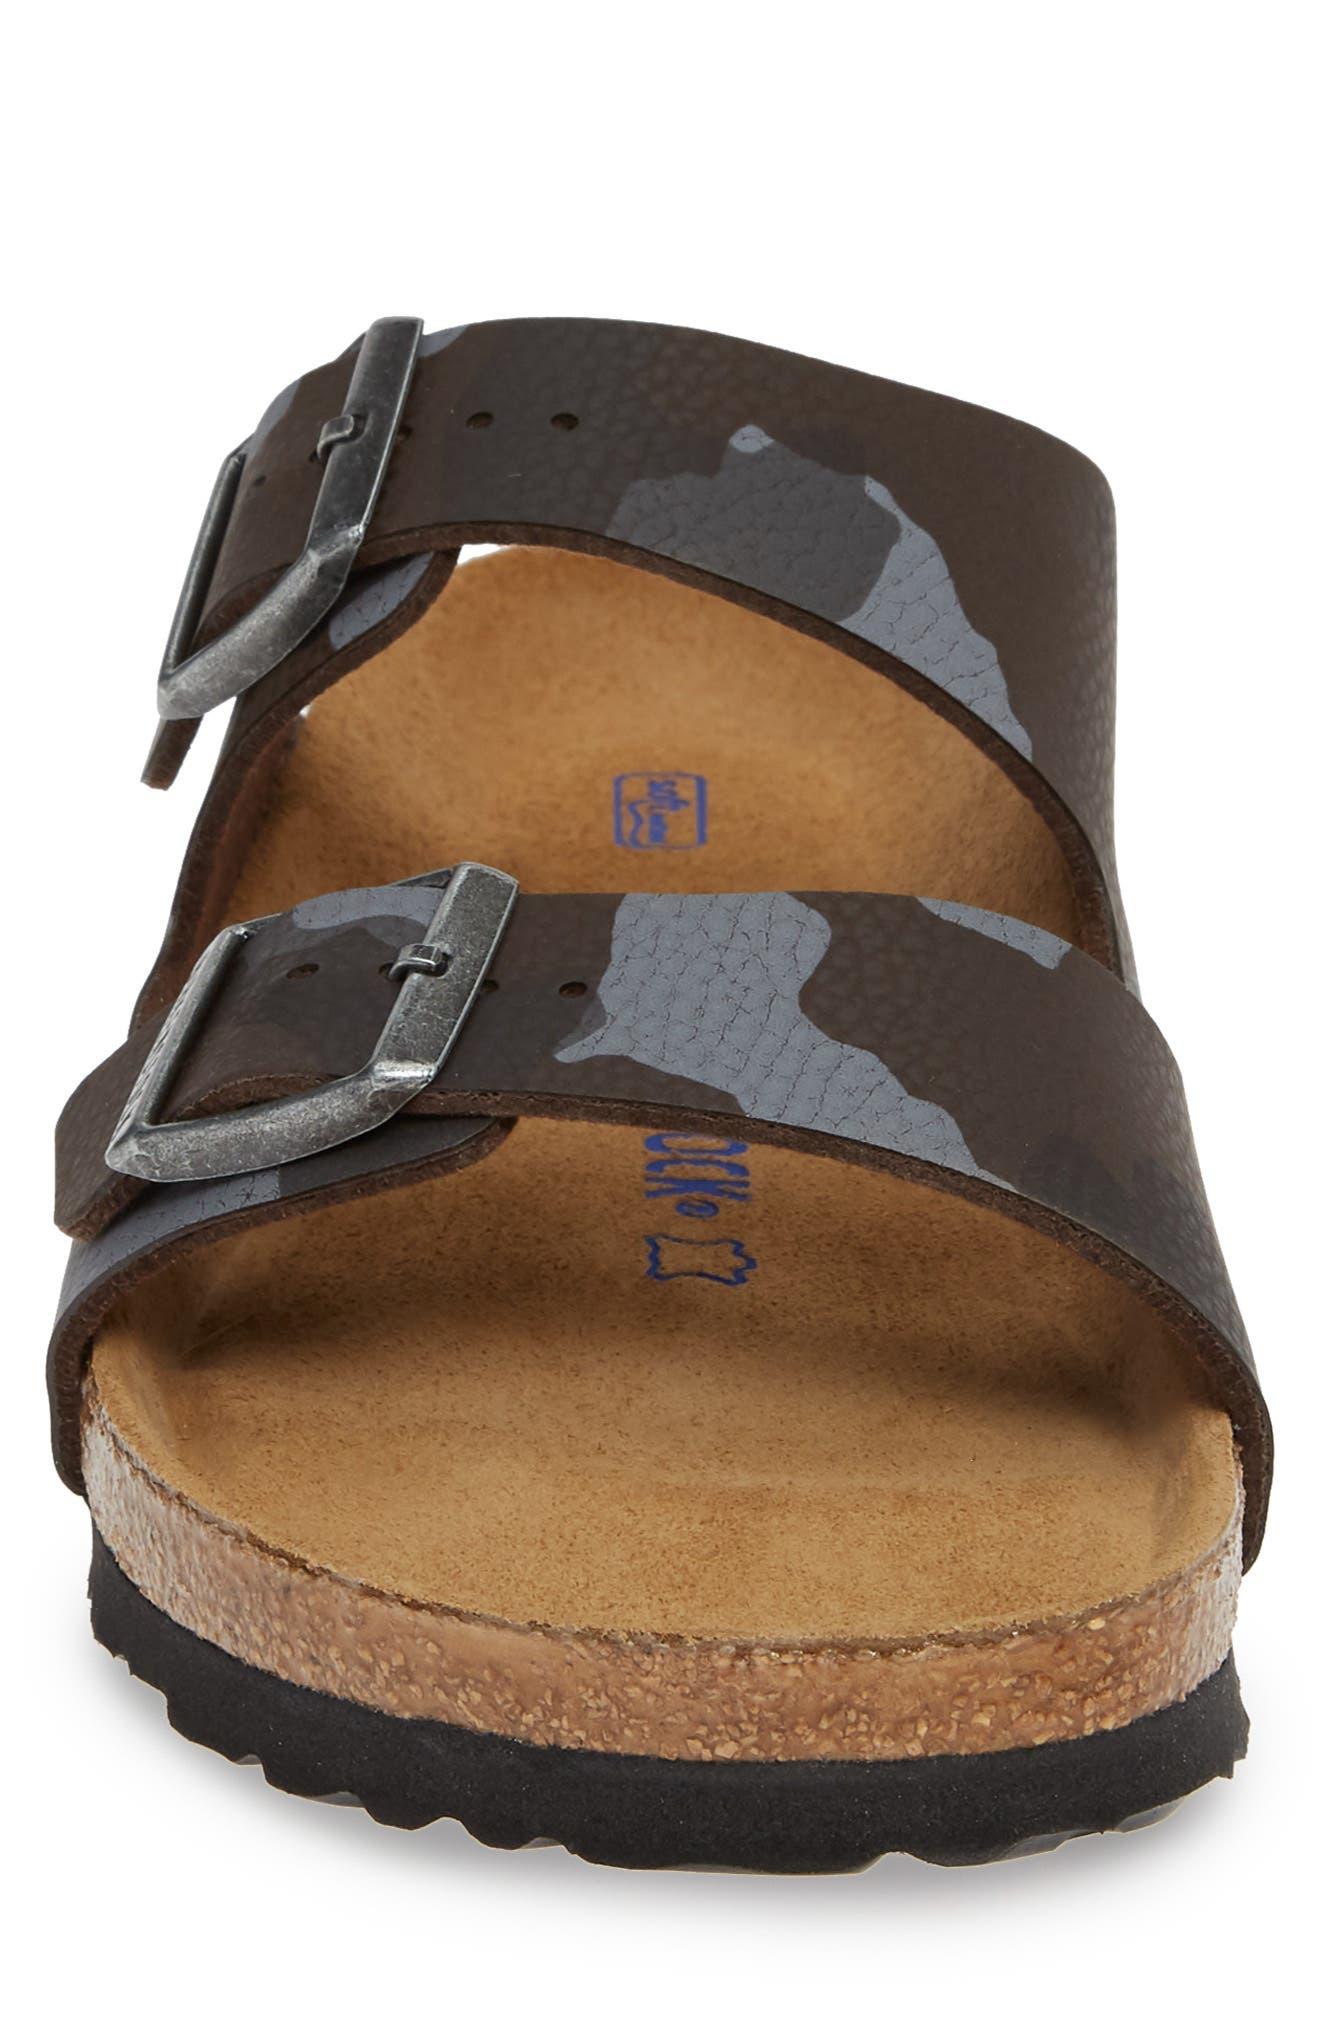 Arizona Soft Slide Sandal,                             Alternate thumbnail 4, color,                             DESERT SOIL CAMO BROWN